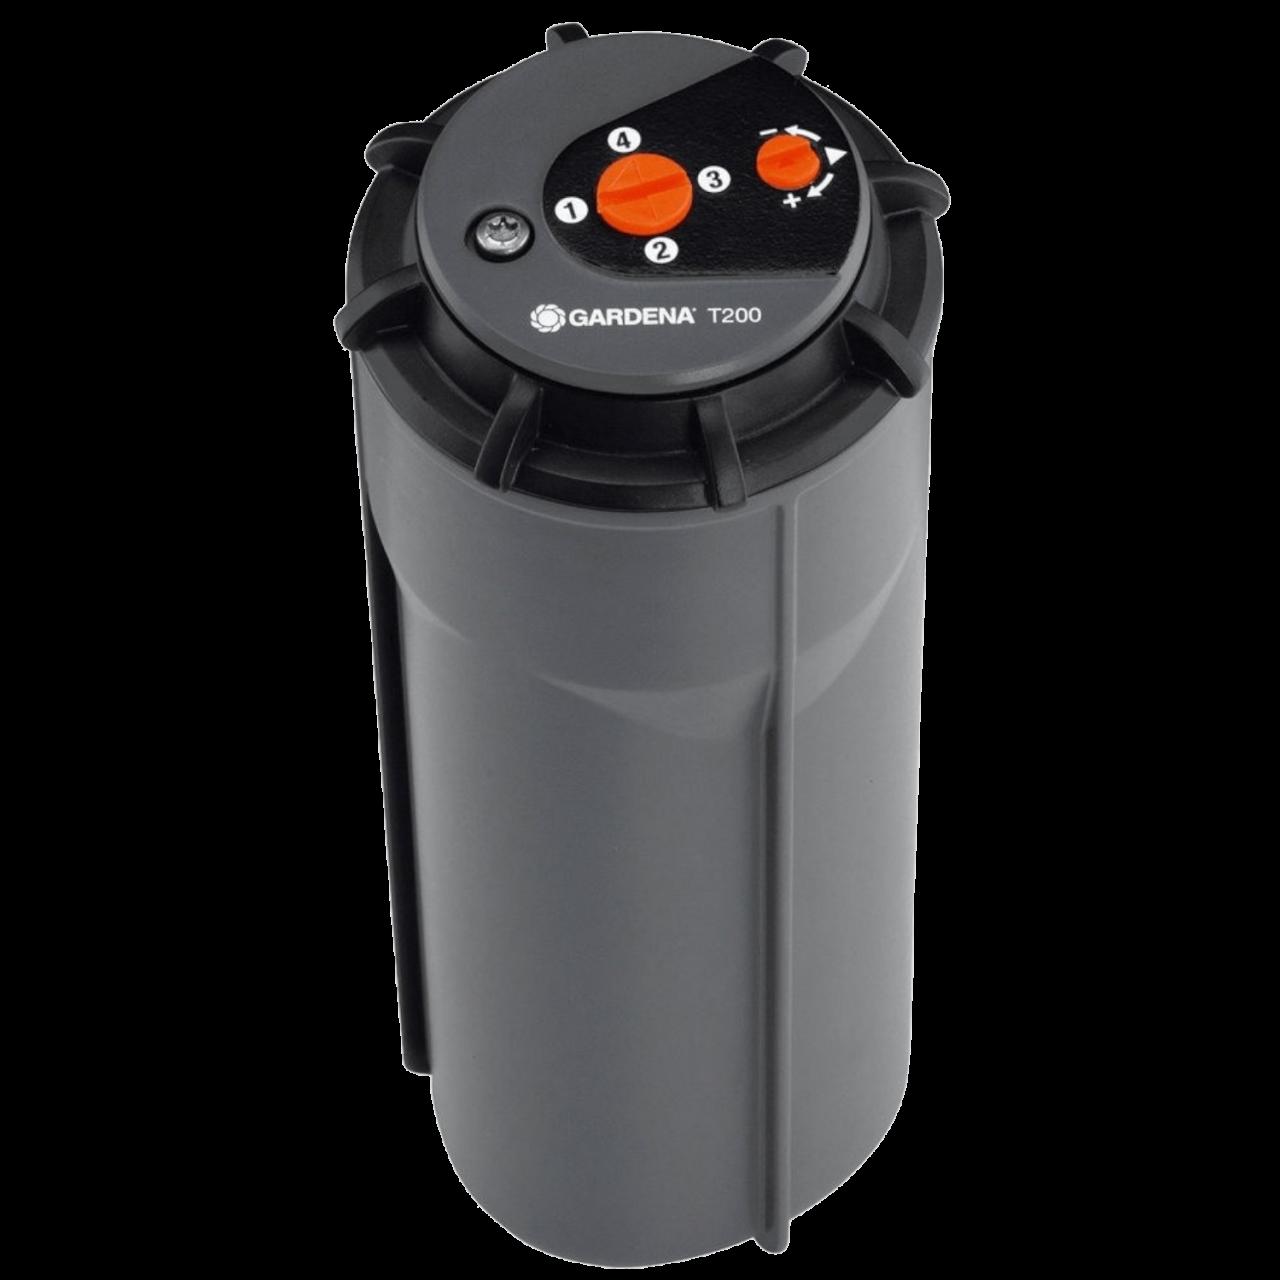 Gardena 8203-29 Sprinklersystem Turbinen-Versenkregner T 200